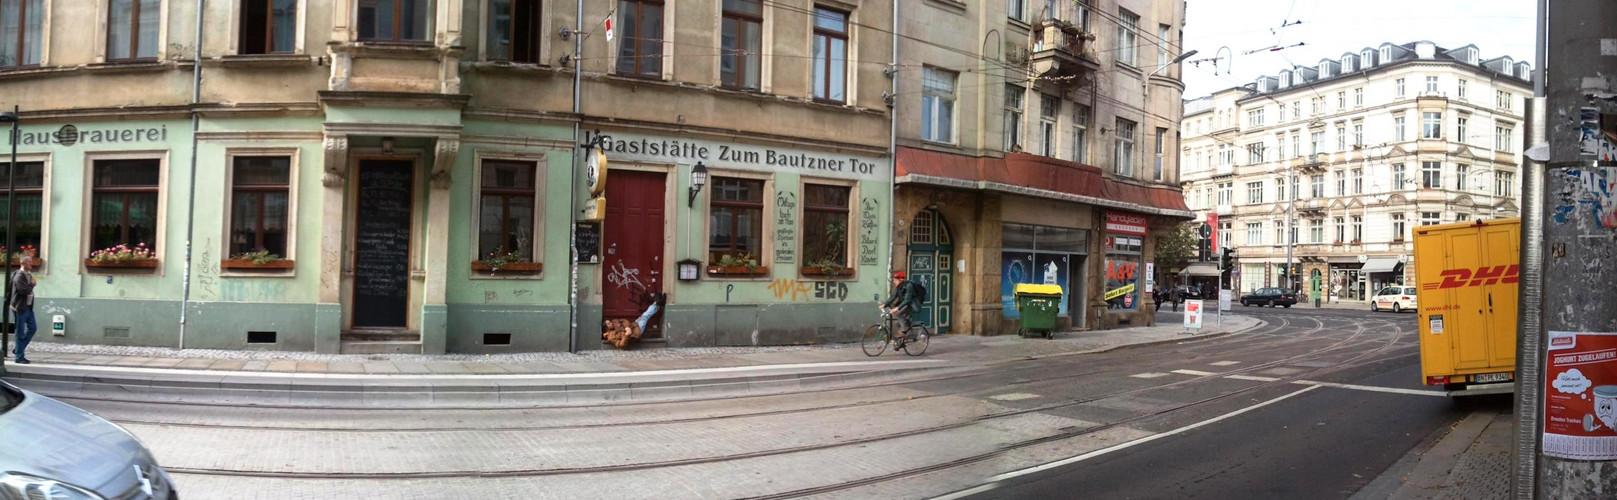 Szene in Dresden-Neustadt